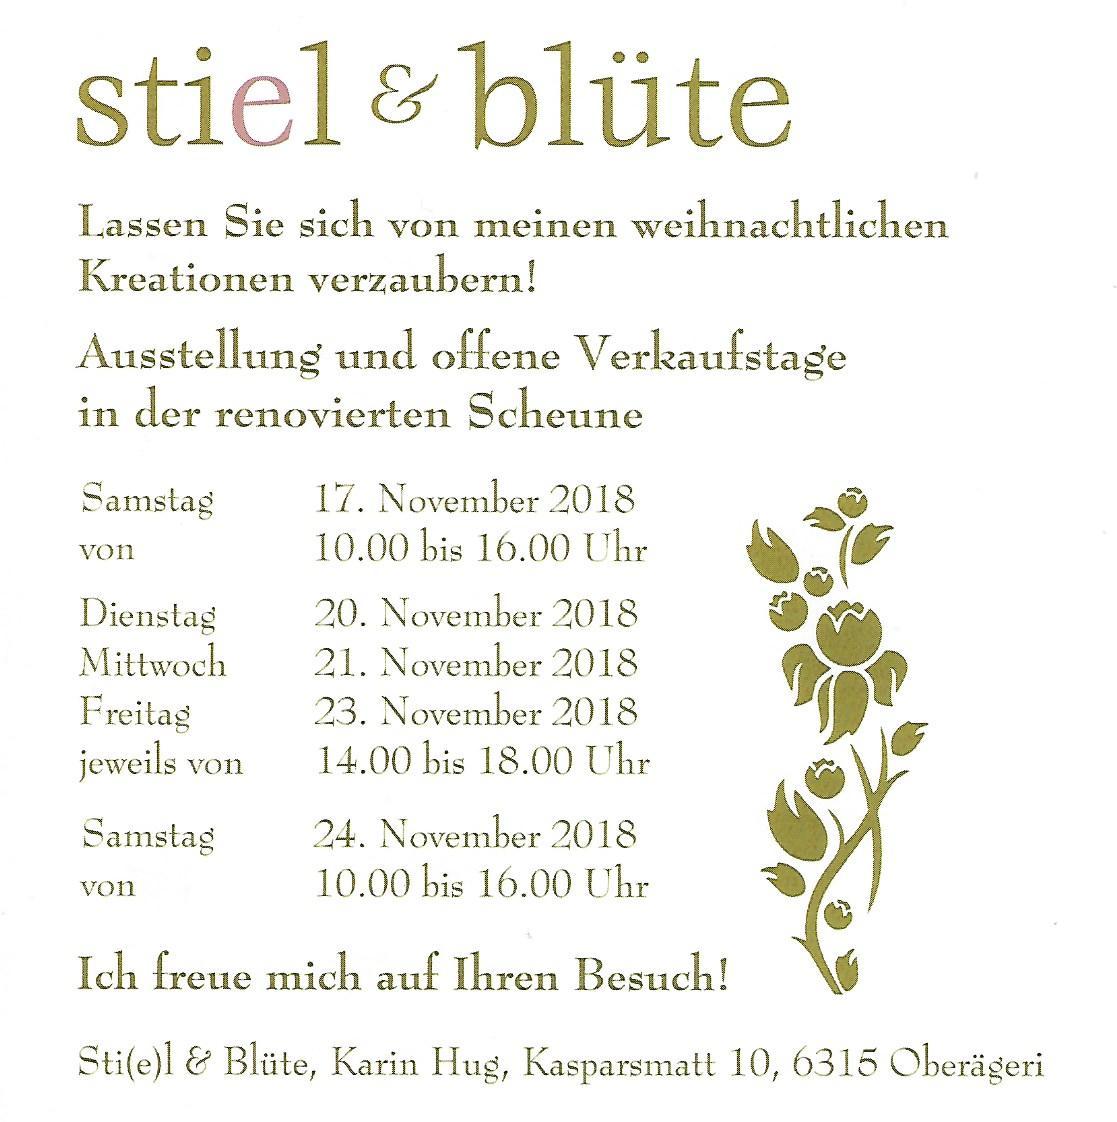 Flyer-2018-Rueckseite_3.jpg